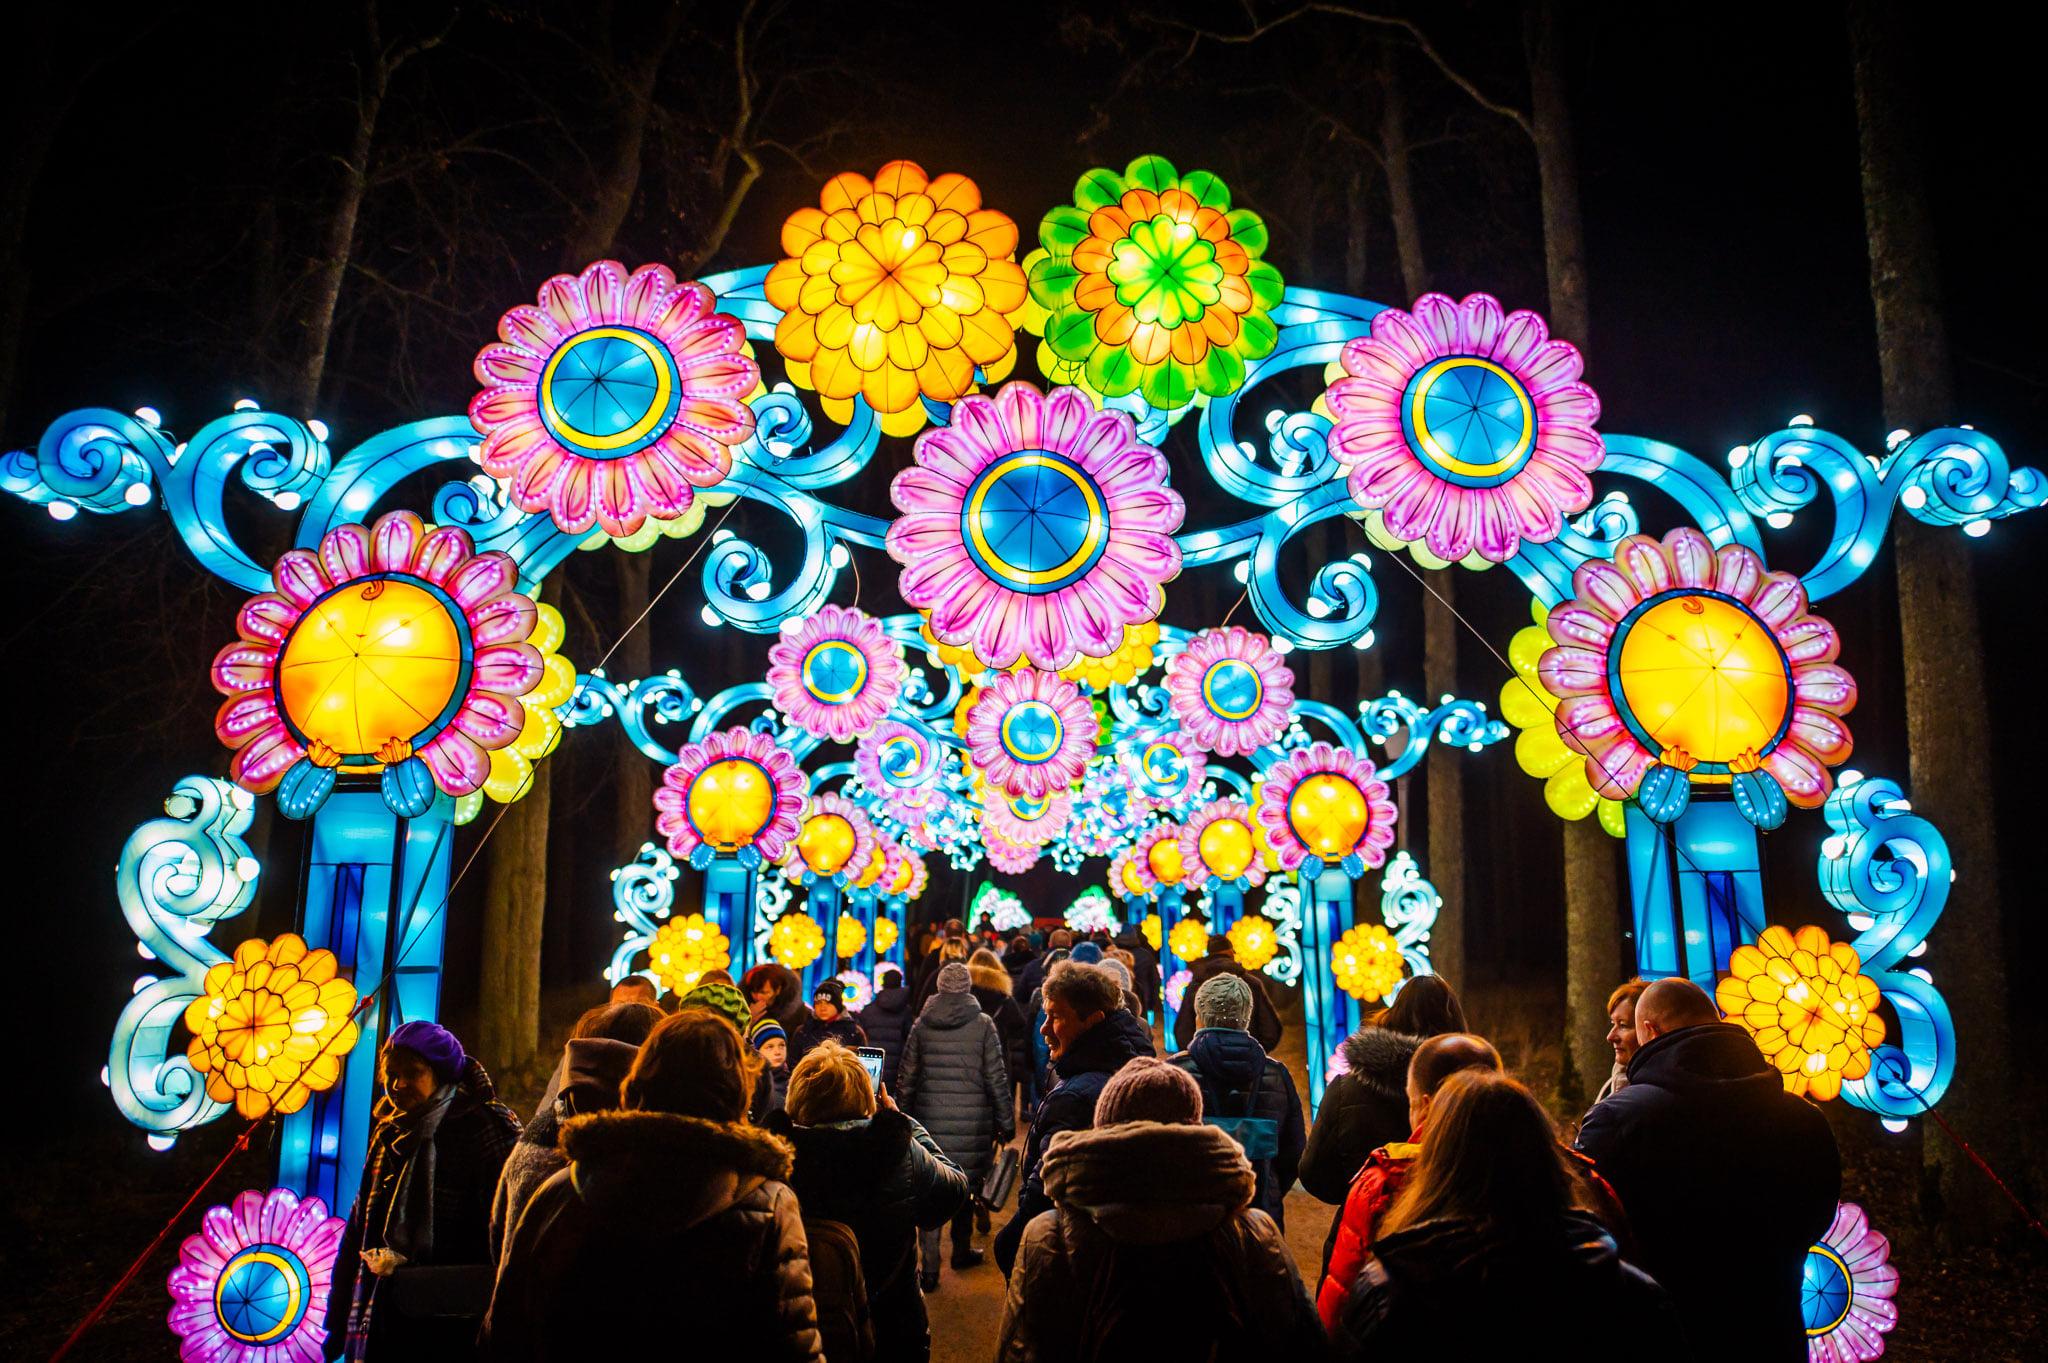 Огненное шоу, гигантский лев и китайские фонари: в Киеве создадут настоящий парк иллюминаций — фото 3